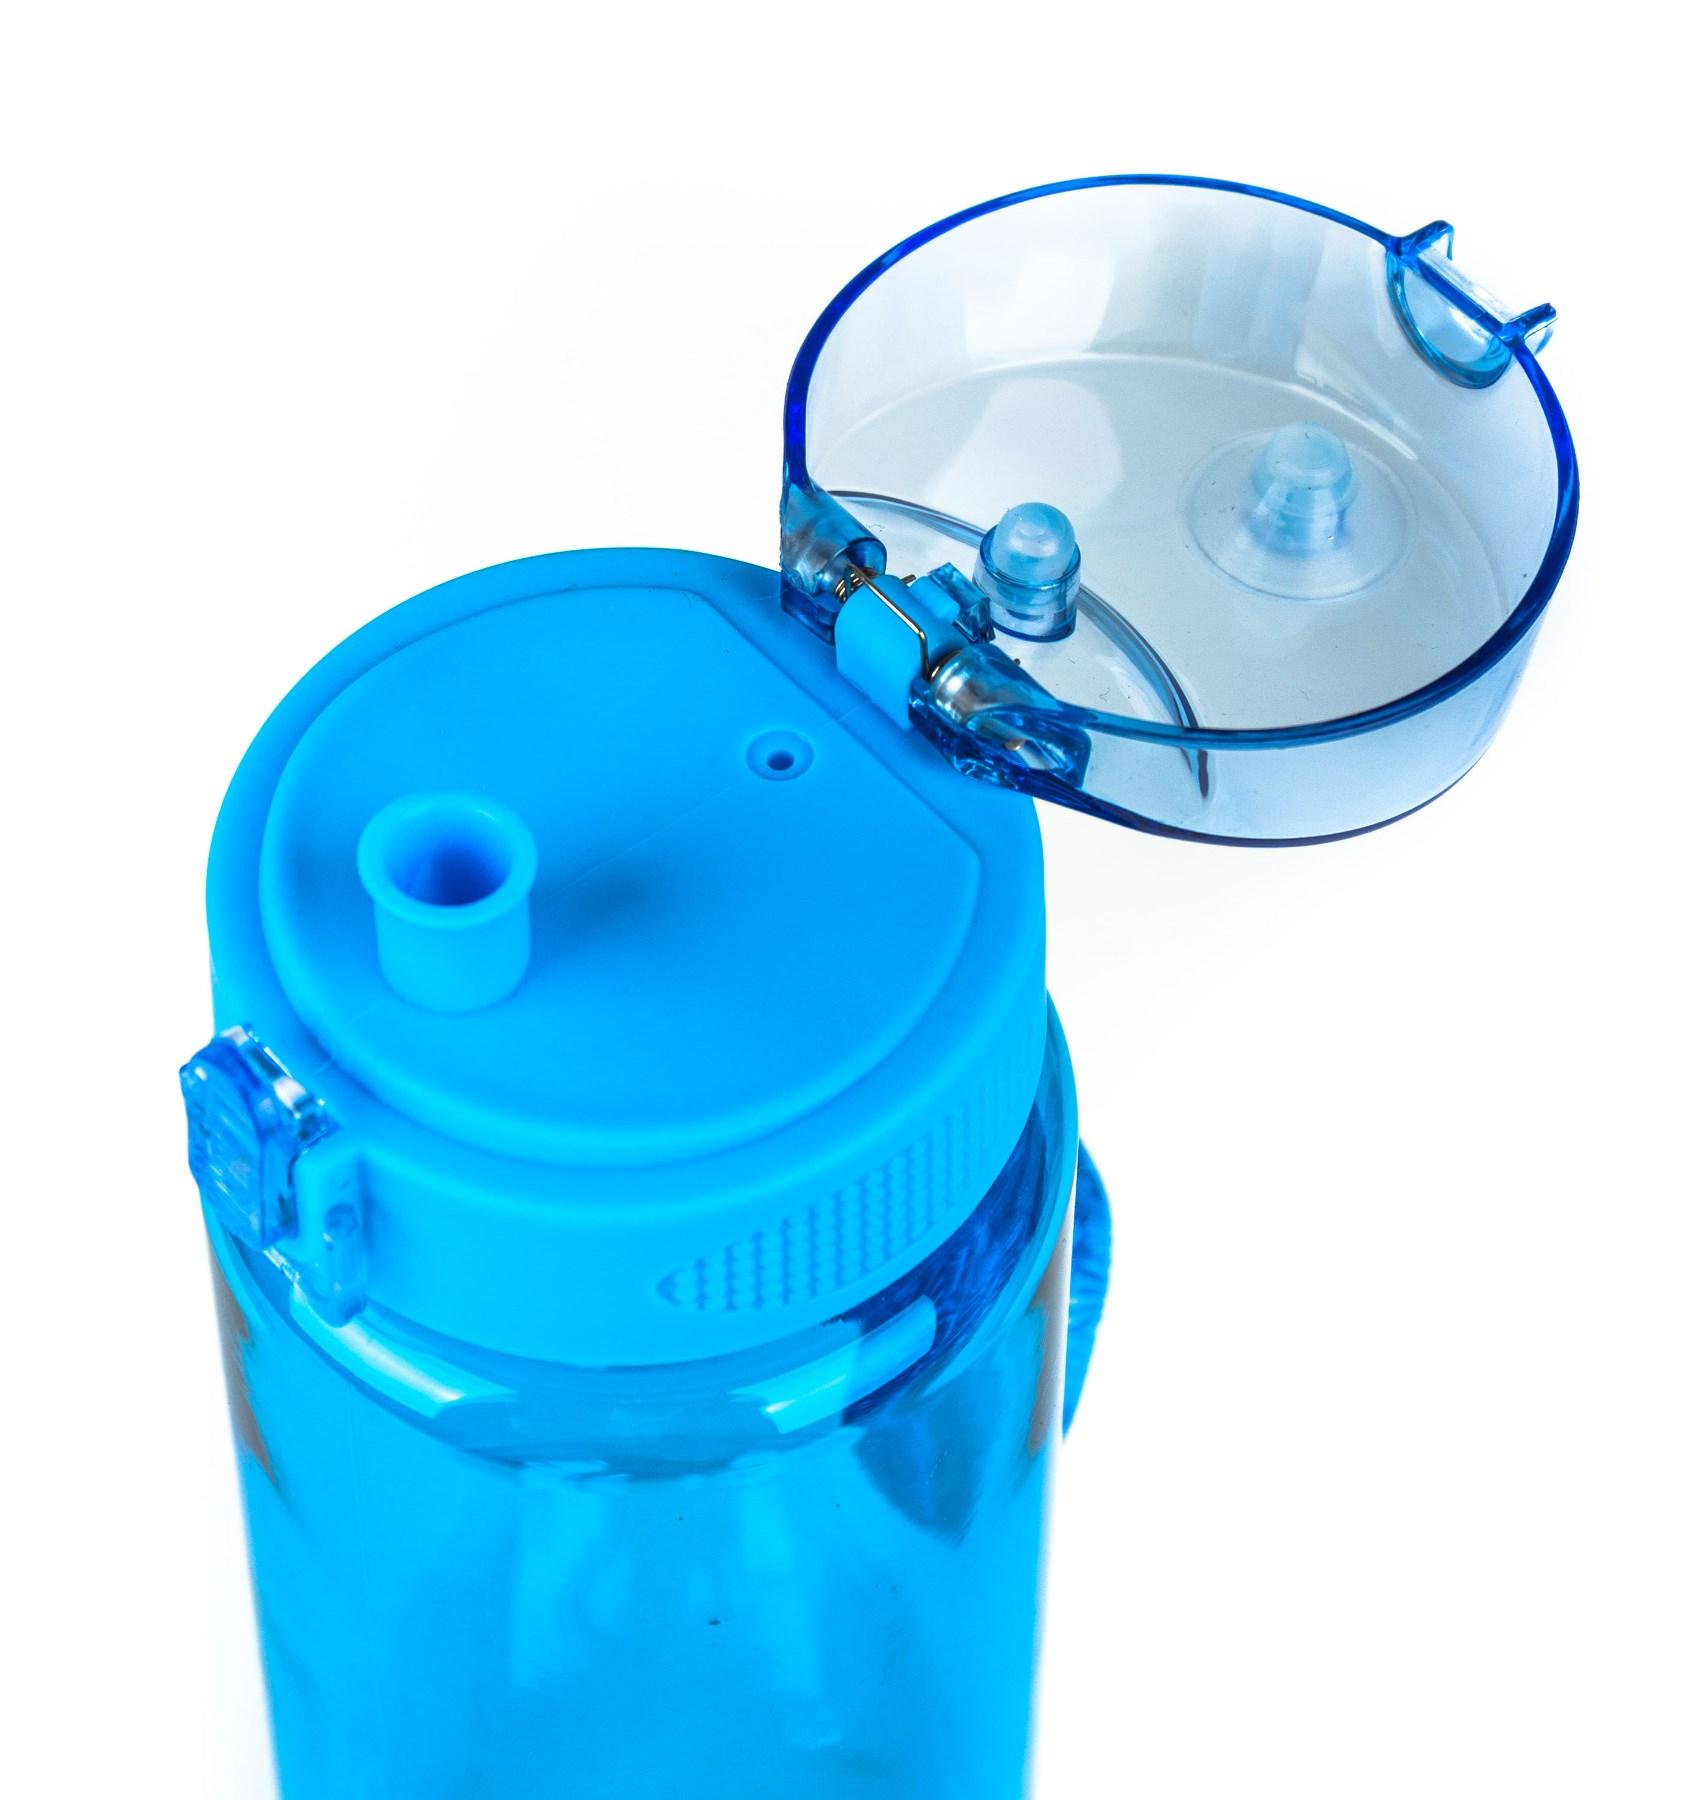 Fľaša G21 neobsahuje škodlivé látky BPA